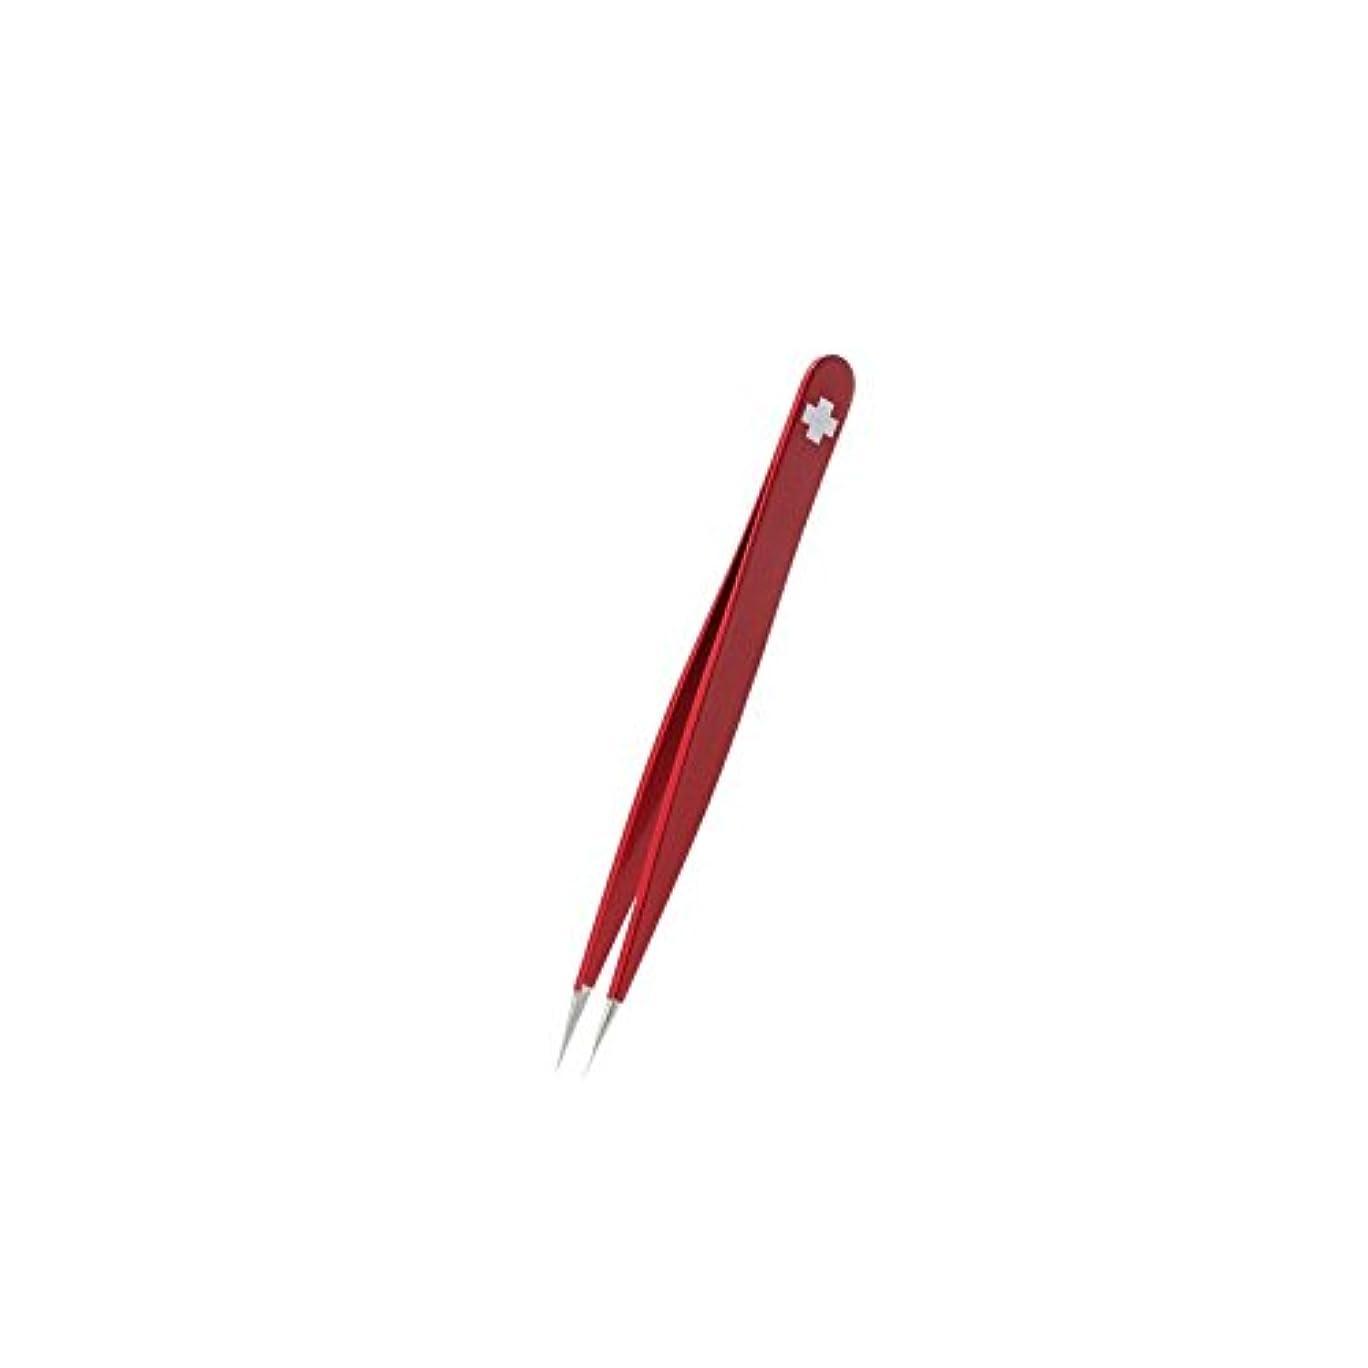 ドレイン階下測定Rubis Tweezer Pointer Swiss Cross - ルビスピンセットポインタスイスクロス [並行輸入品]